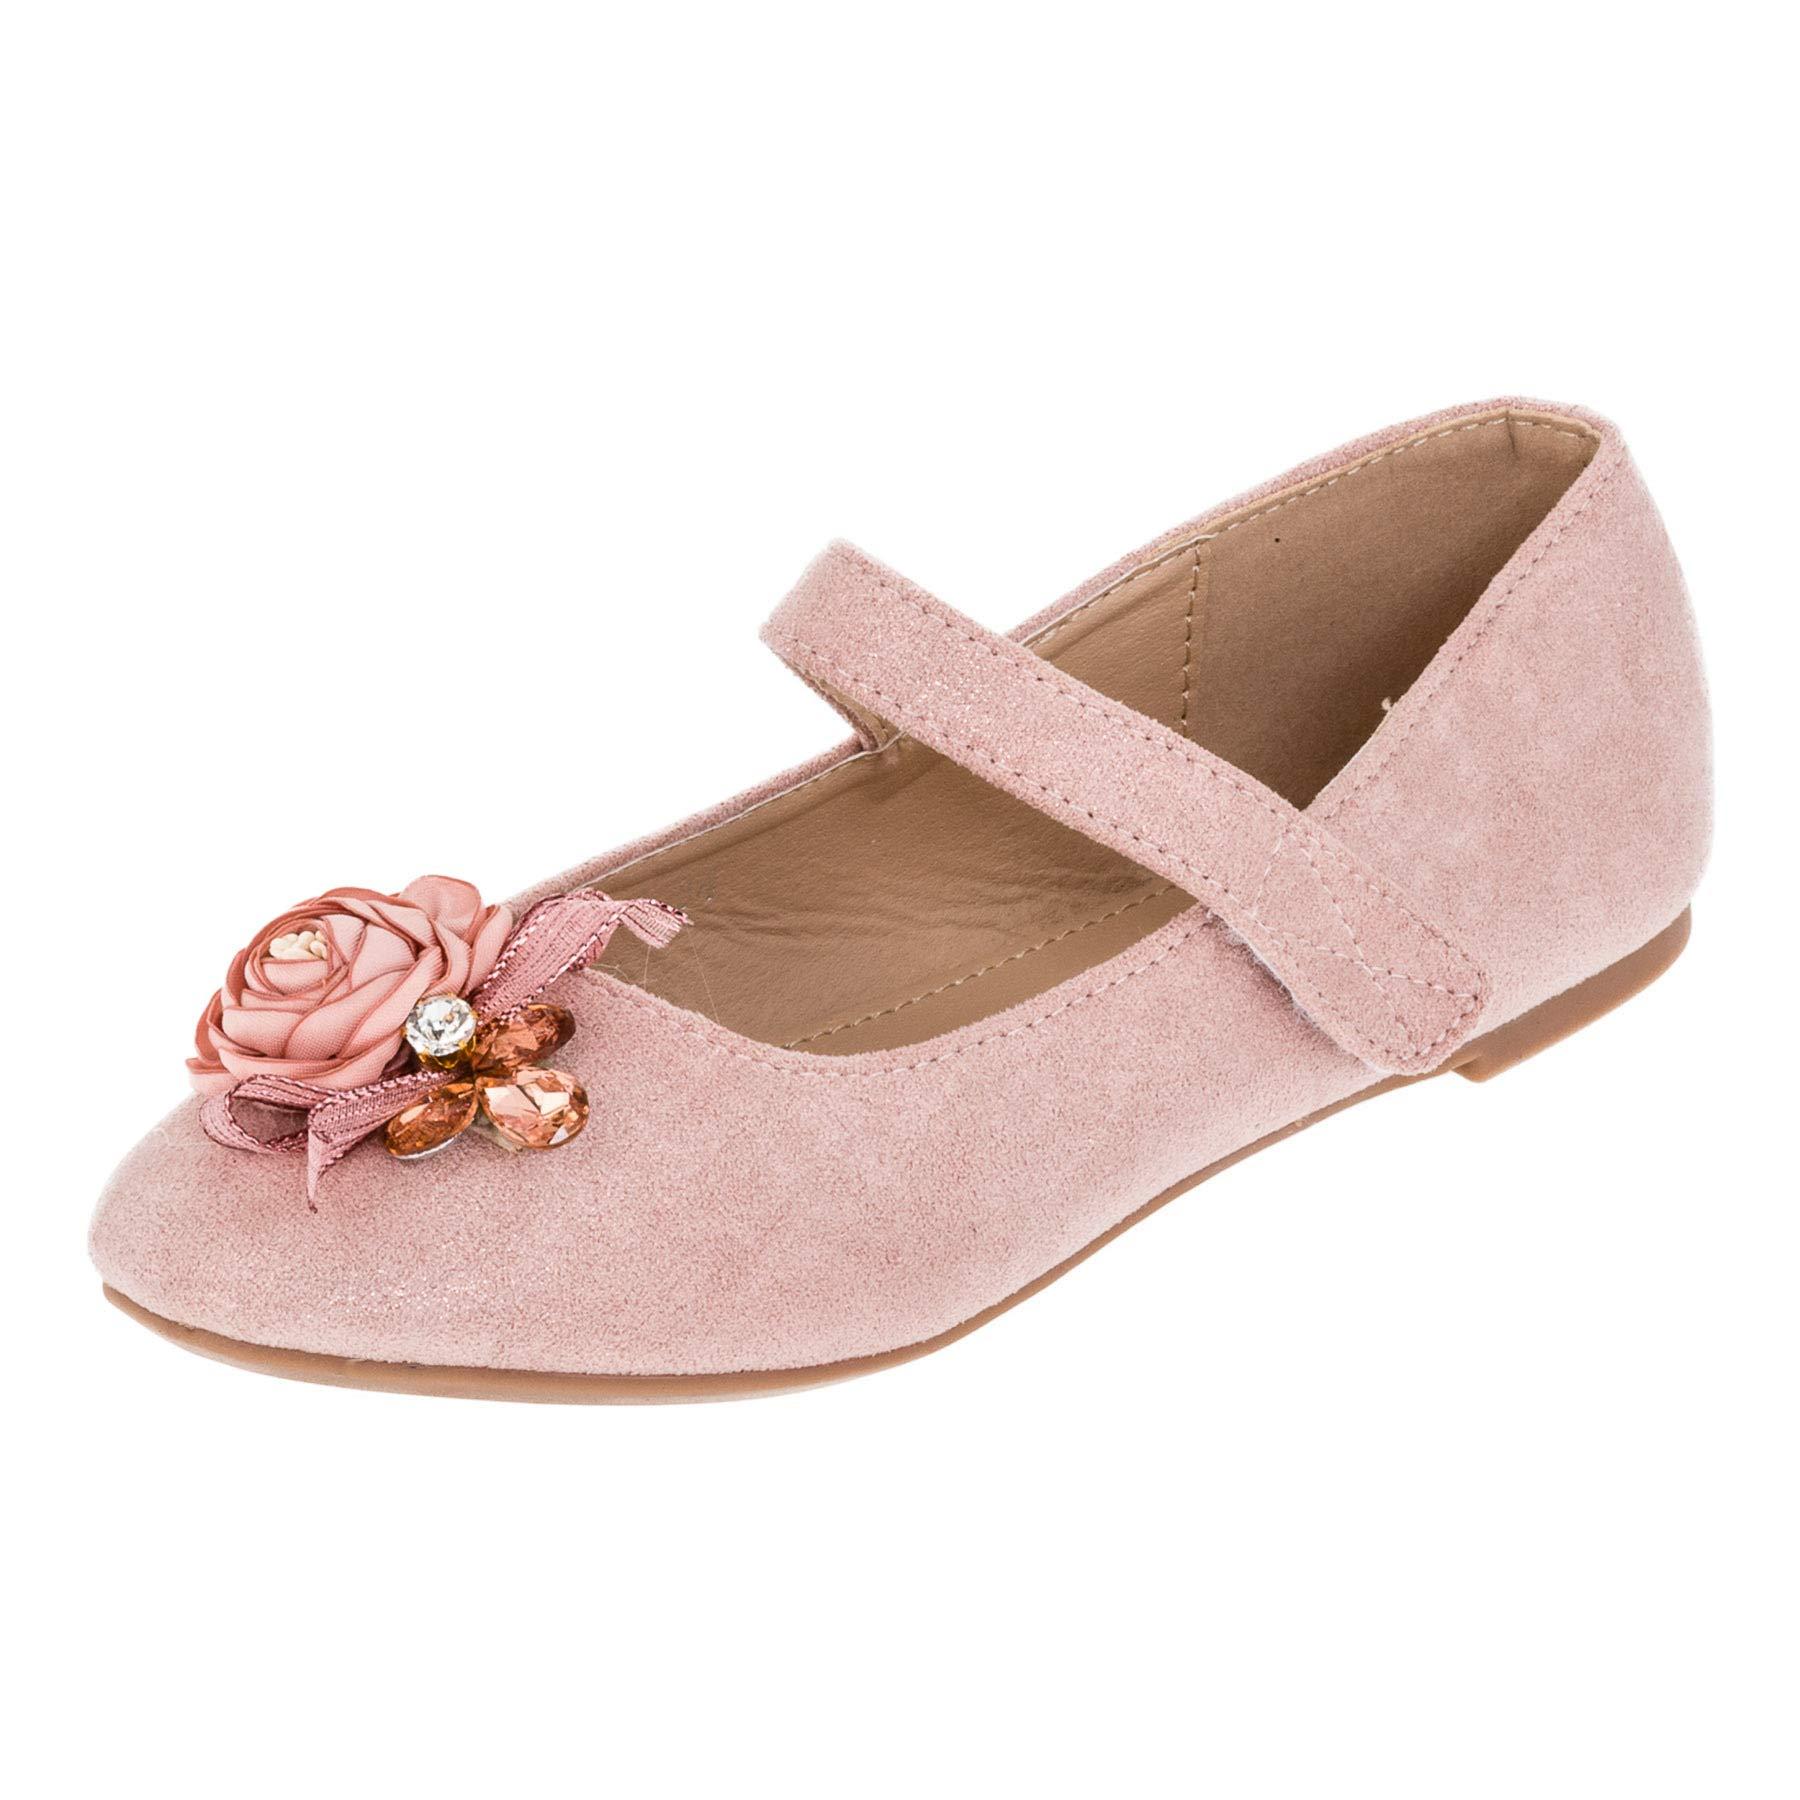 0f229ef51ed827 Doremi Edle Festliche Kinder Mädchen Prinzessinnen Schuhe Ballerinas ...